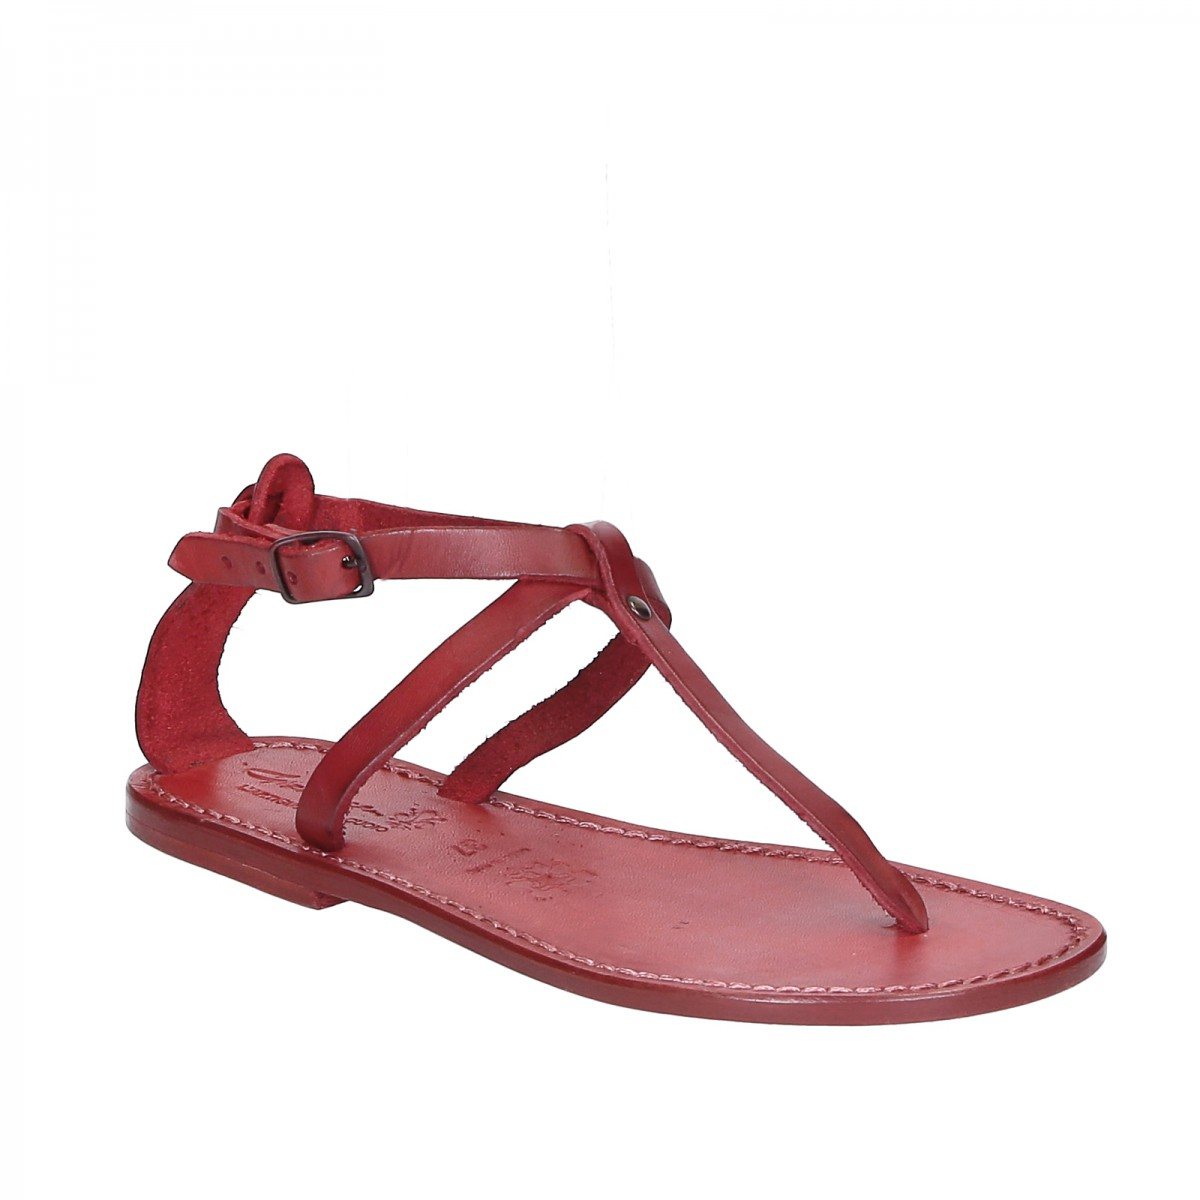 damen riemchen sandalen aus rotem leder in italien von. Black Bedroom Furniture Sets. Home Design Ideas